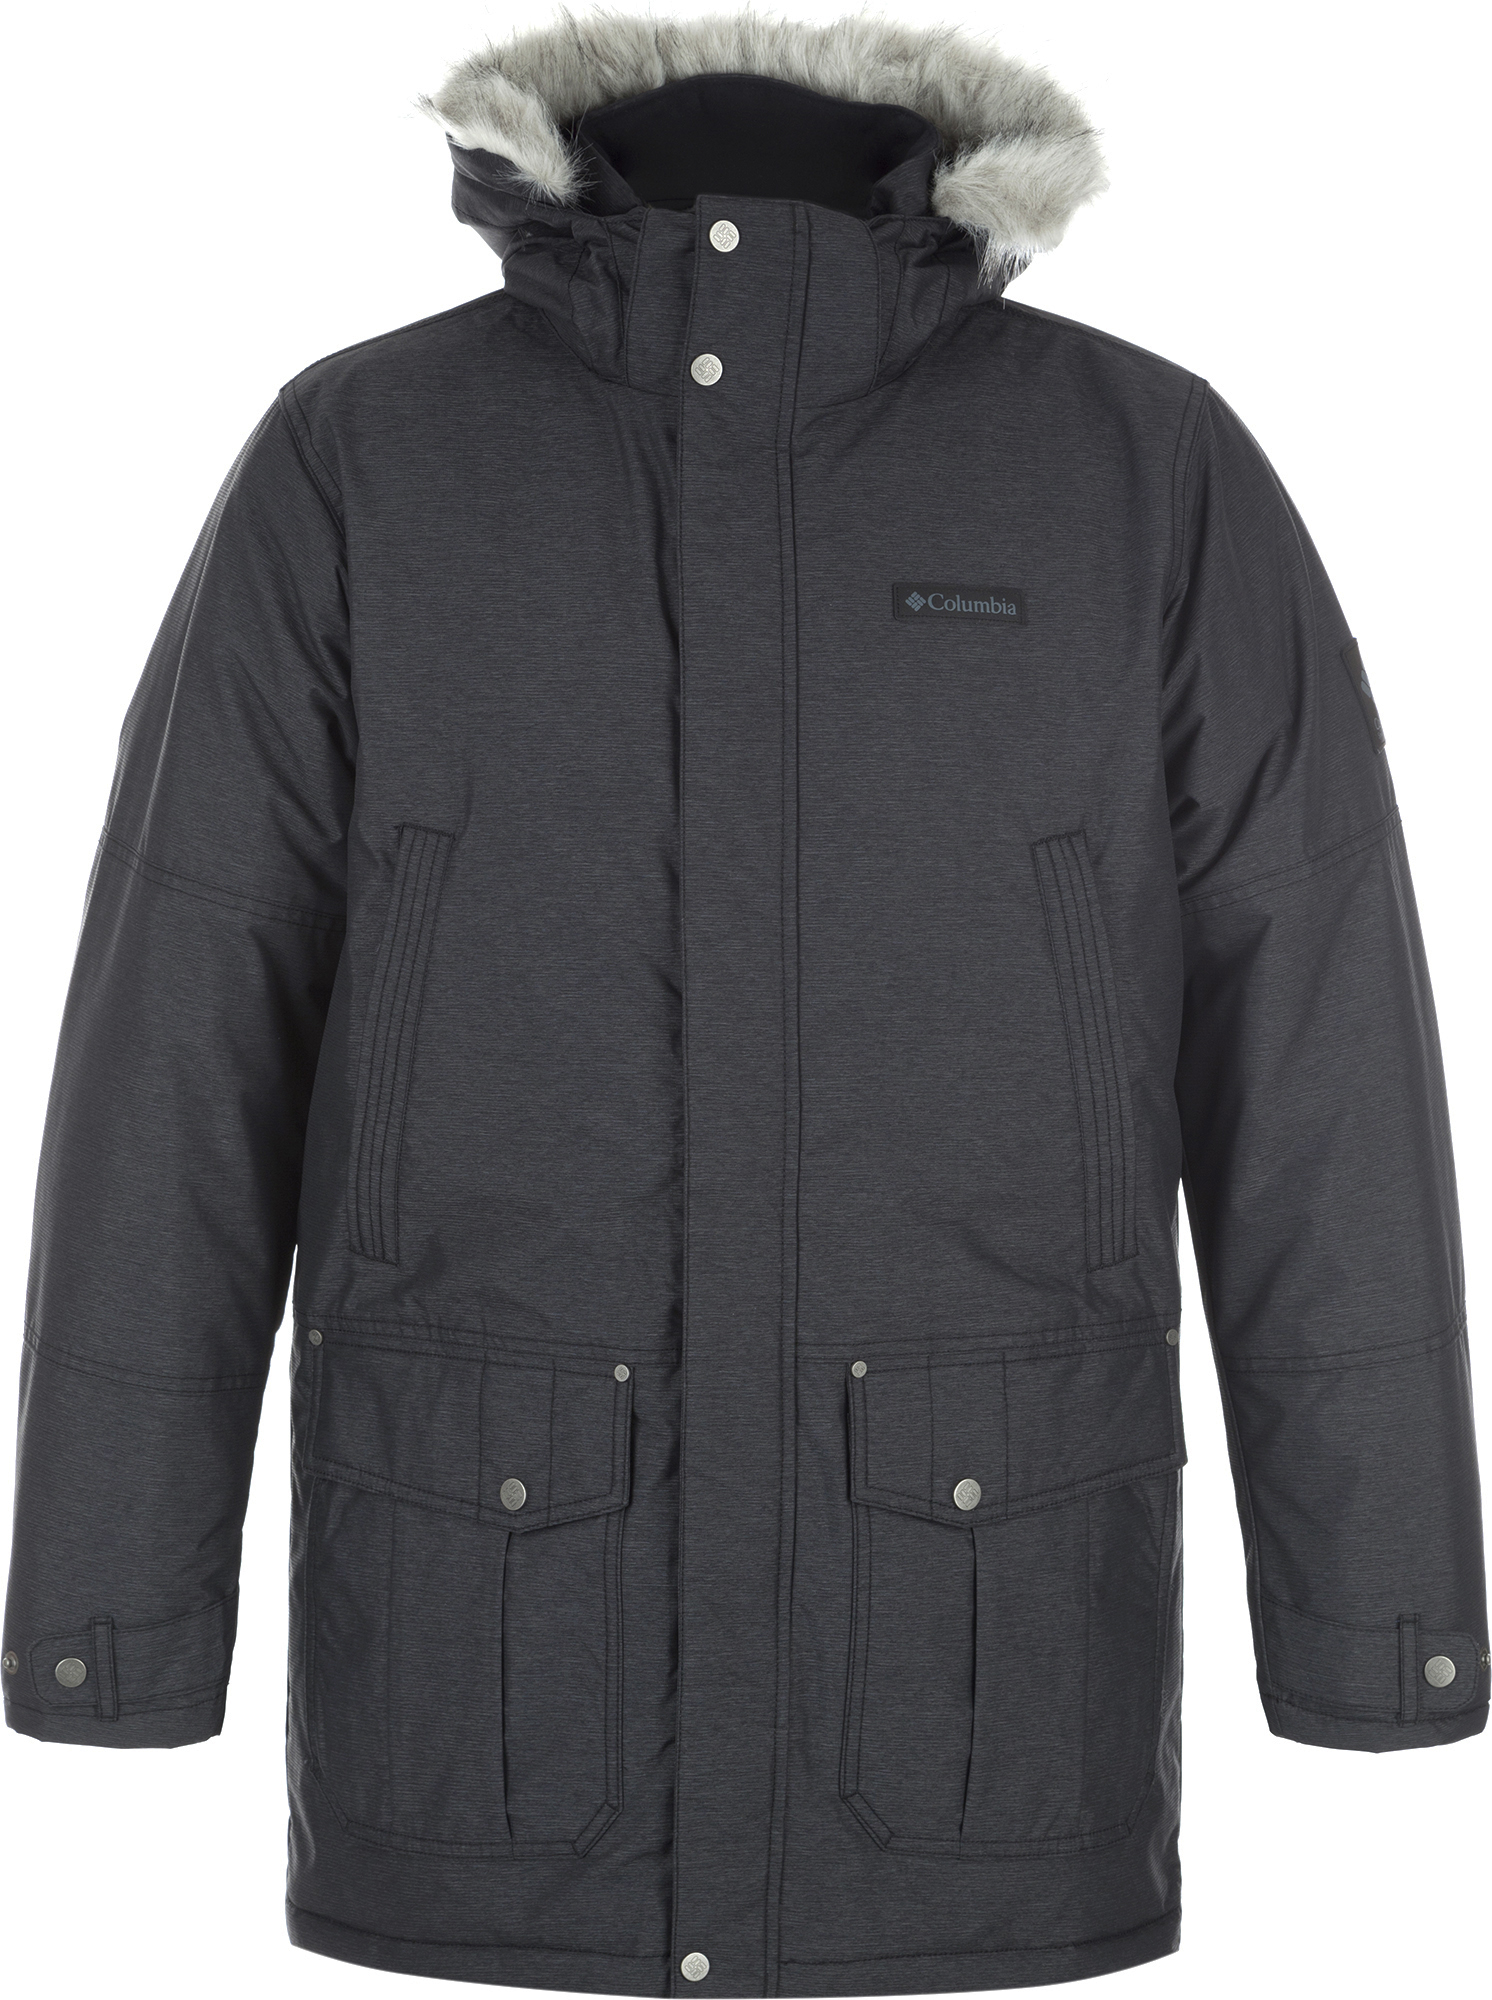 Columbia Куртка утепленная мужская Columbia Timberline Ridge columbia рубашка с длинным рукавом мужская columbia boulder ridge